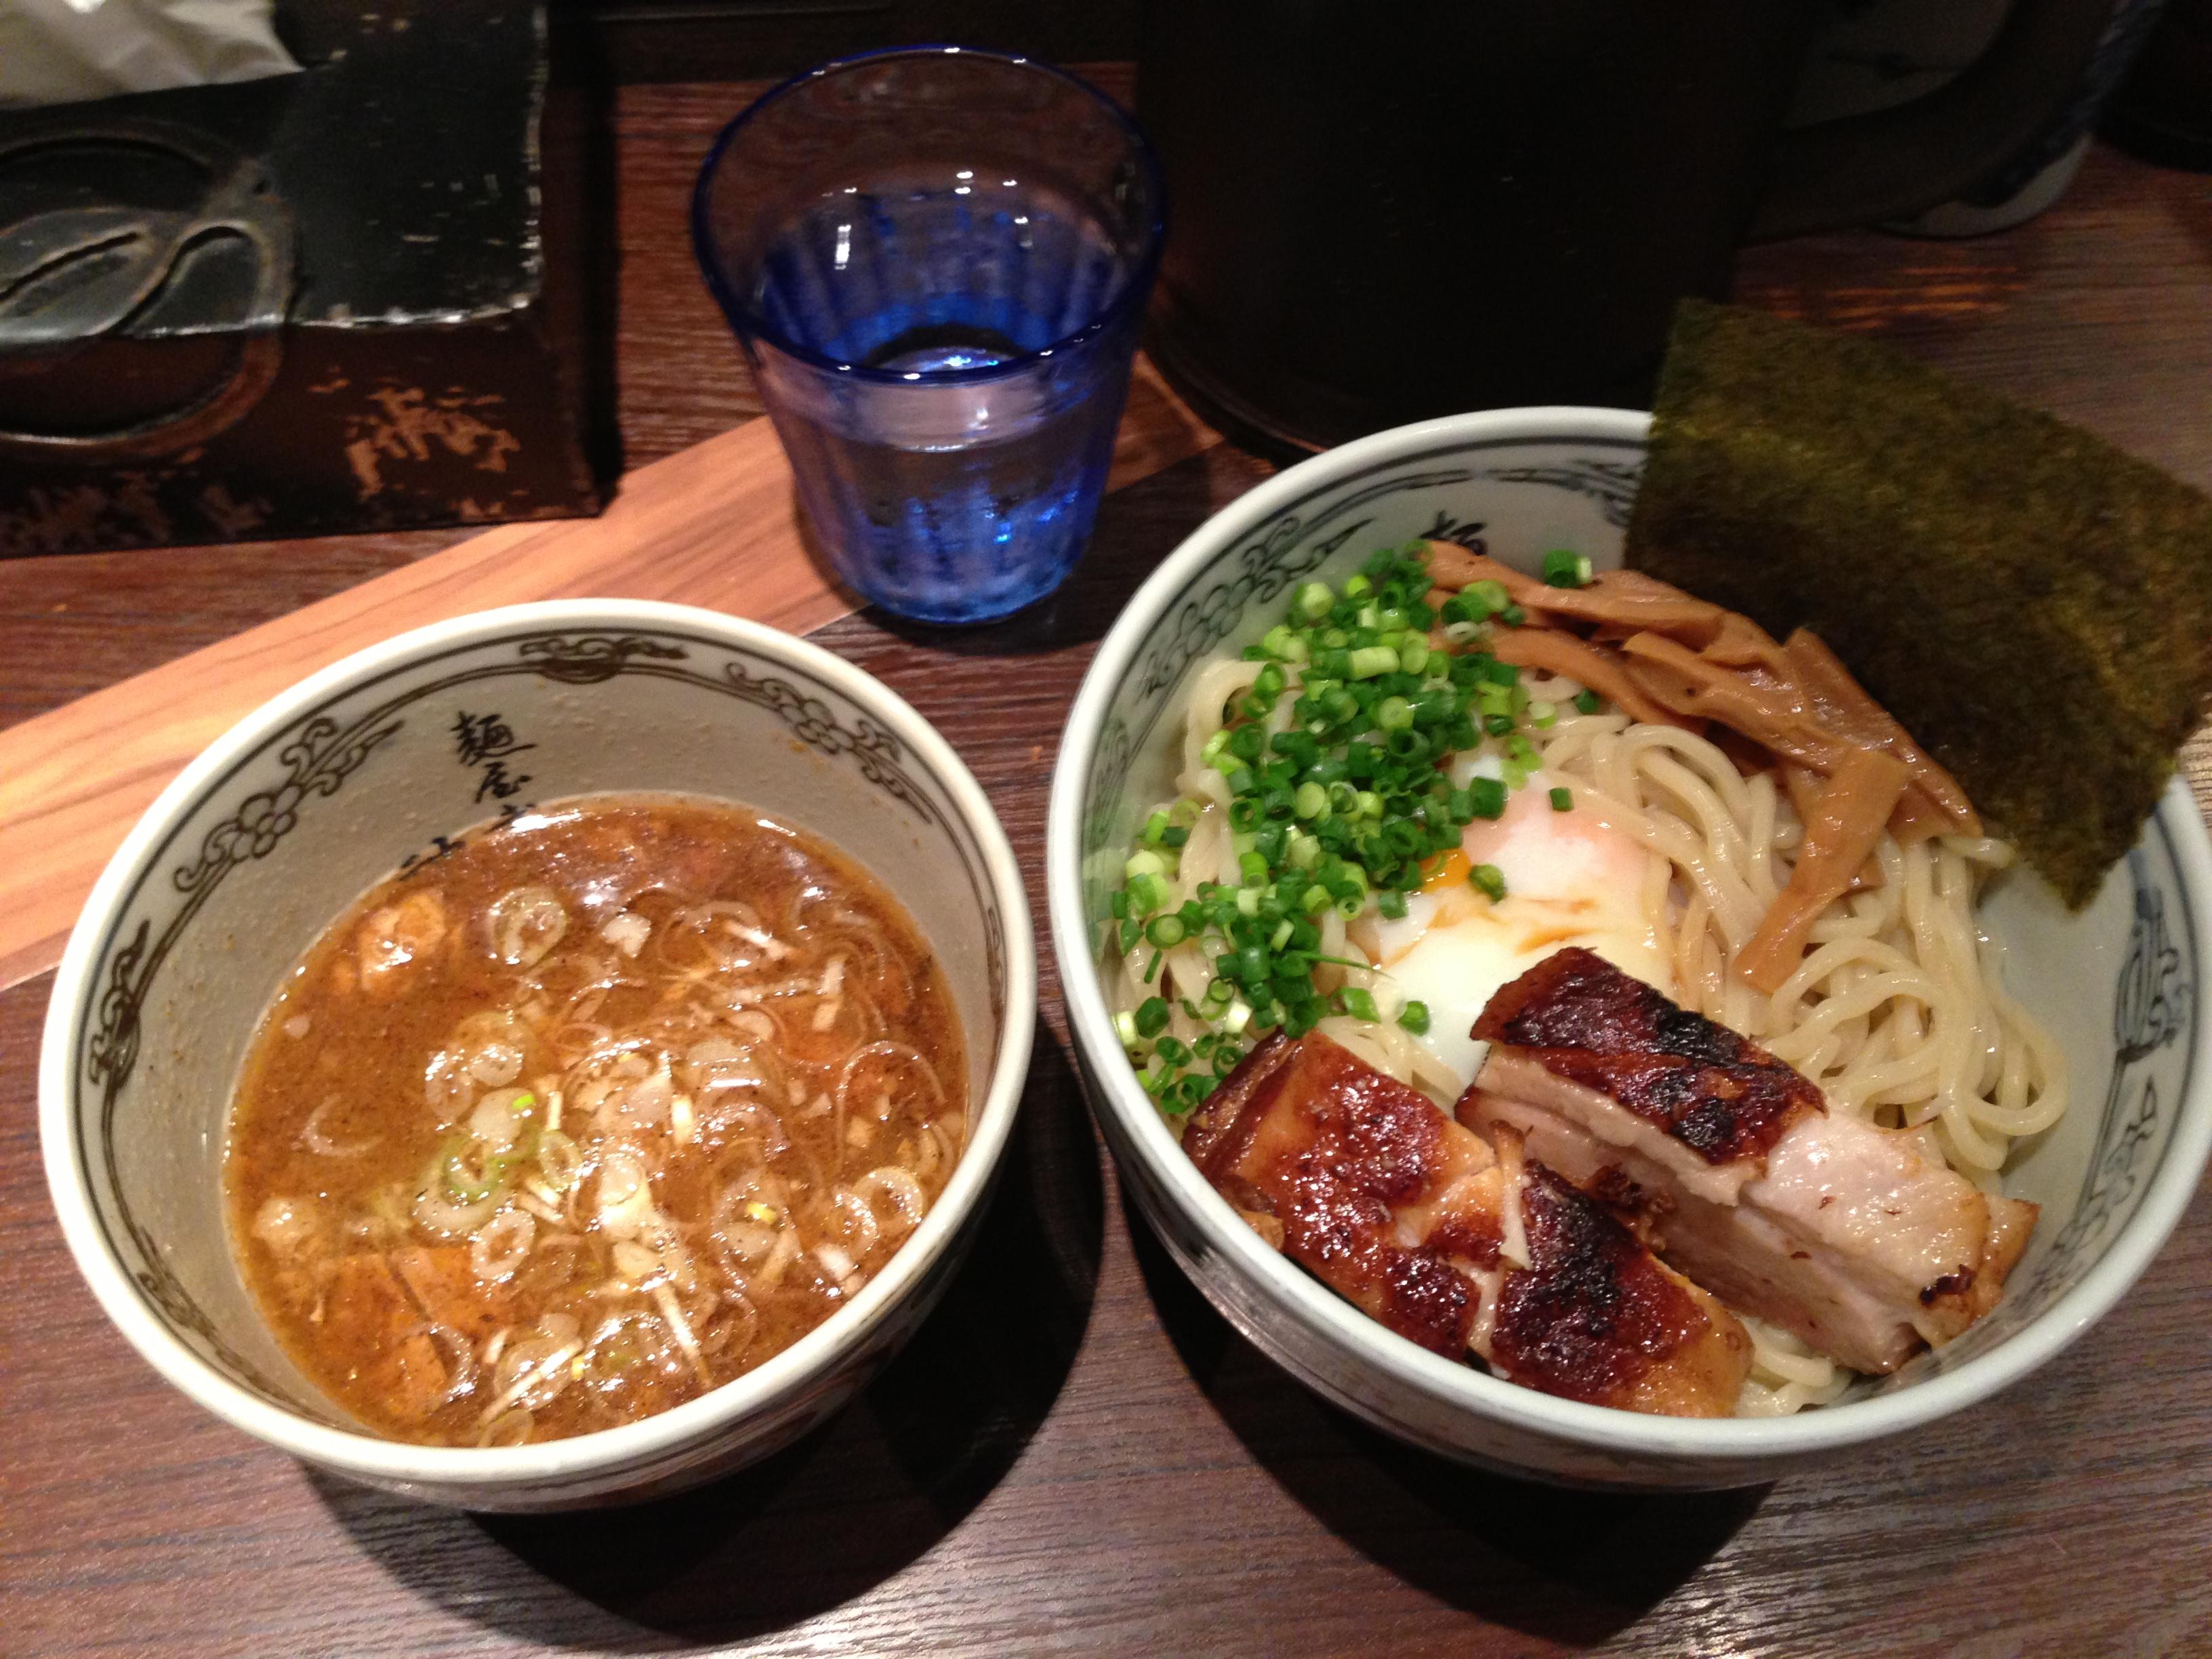 神田駅すぐそばのおいしいラーメン|麺屋武蔵 神山